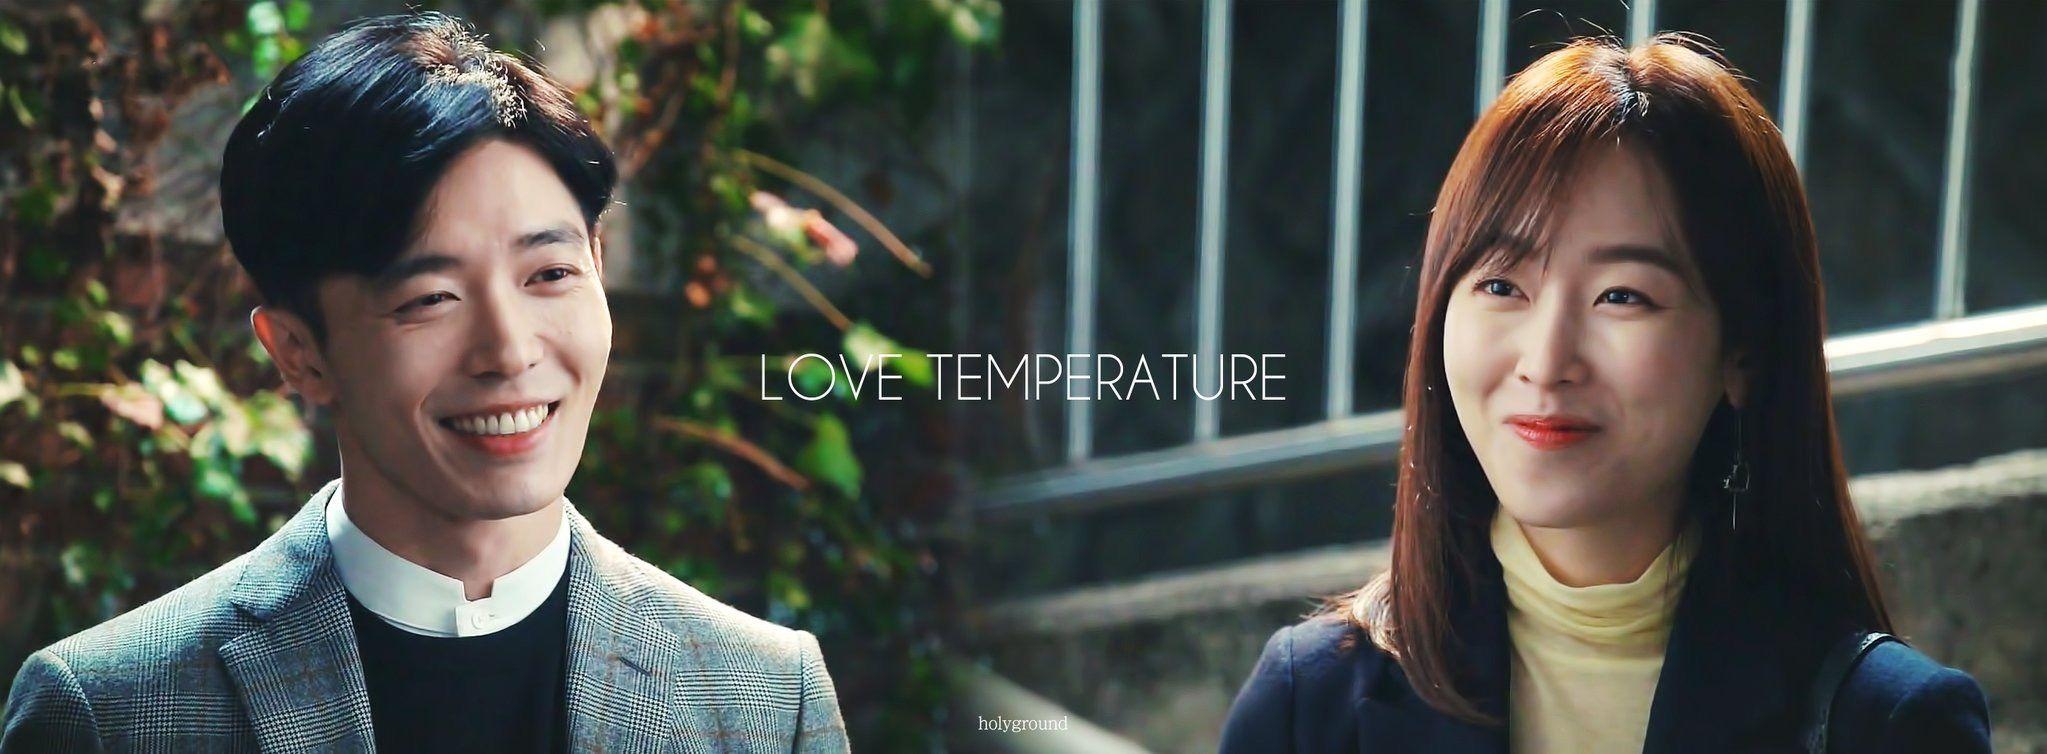 ปักพินโดย littleKG ใน temperature of love